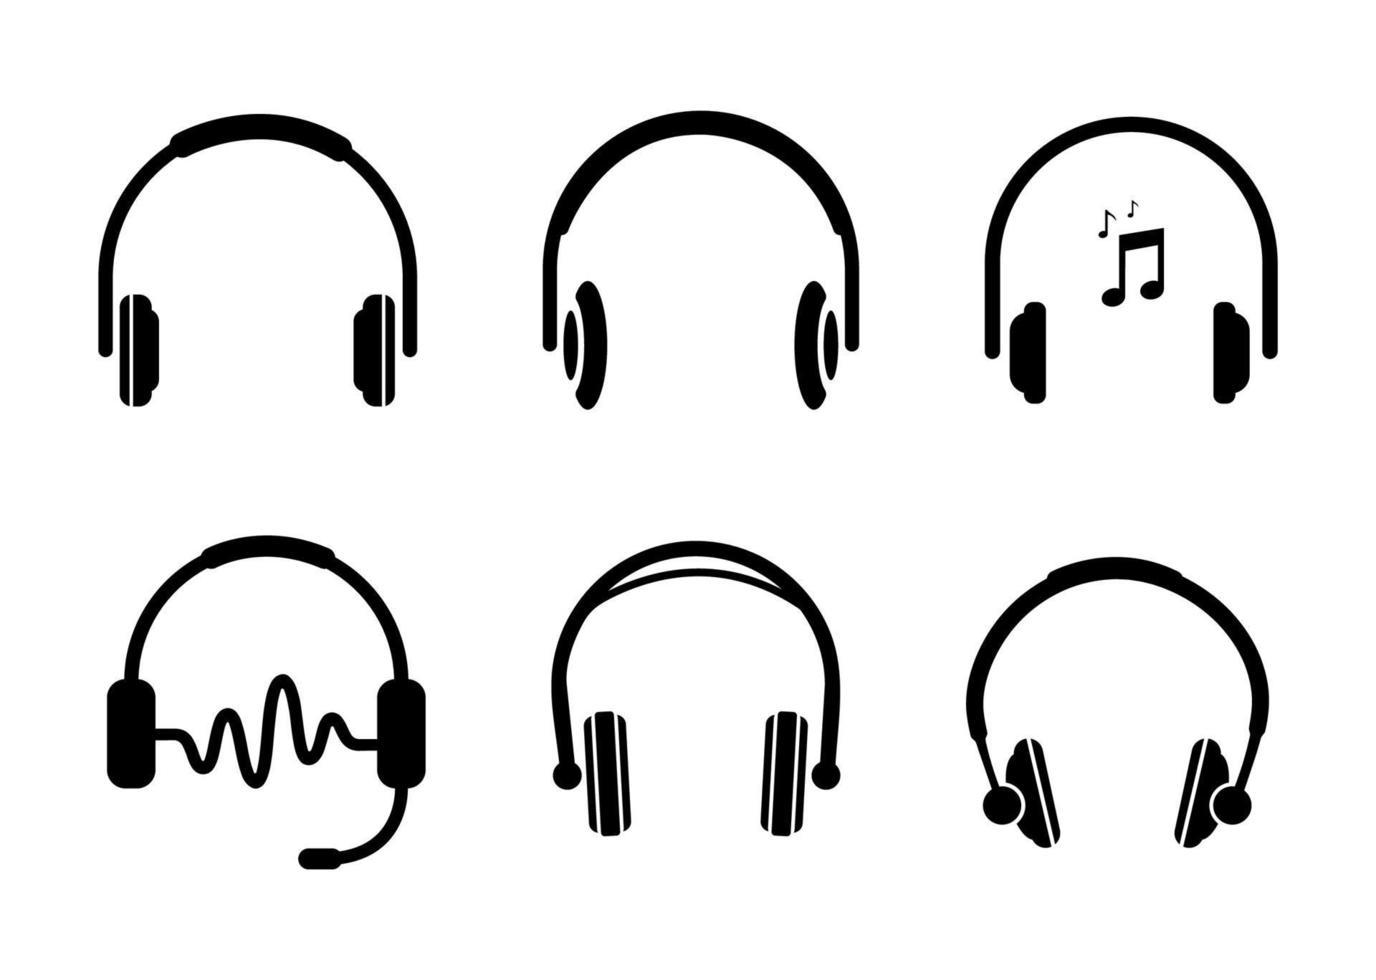 conjunto de ícones de fones de ouvido - ilustração vetorial. vetor